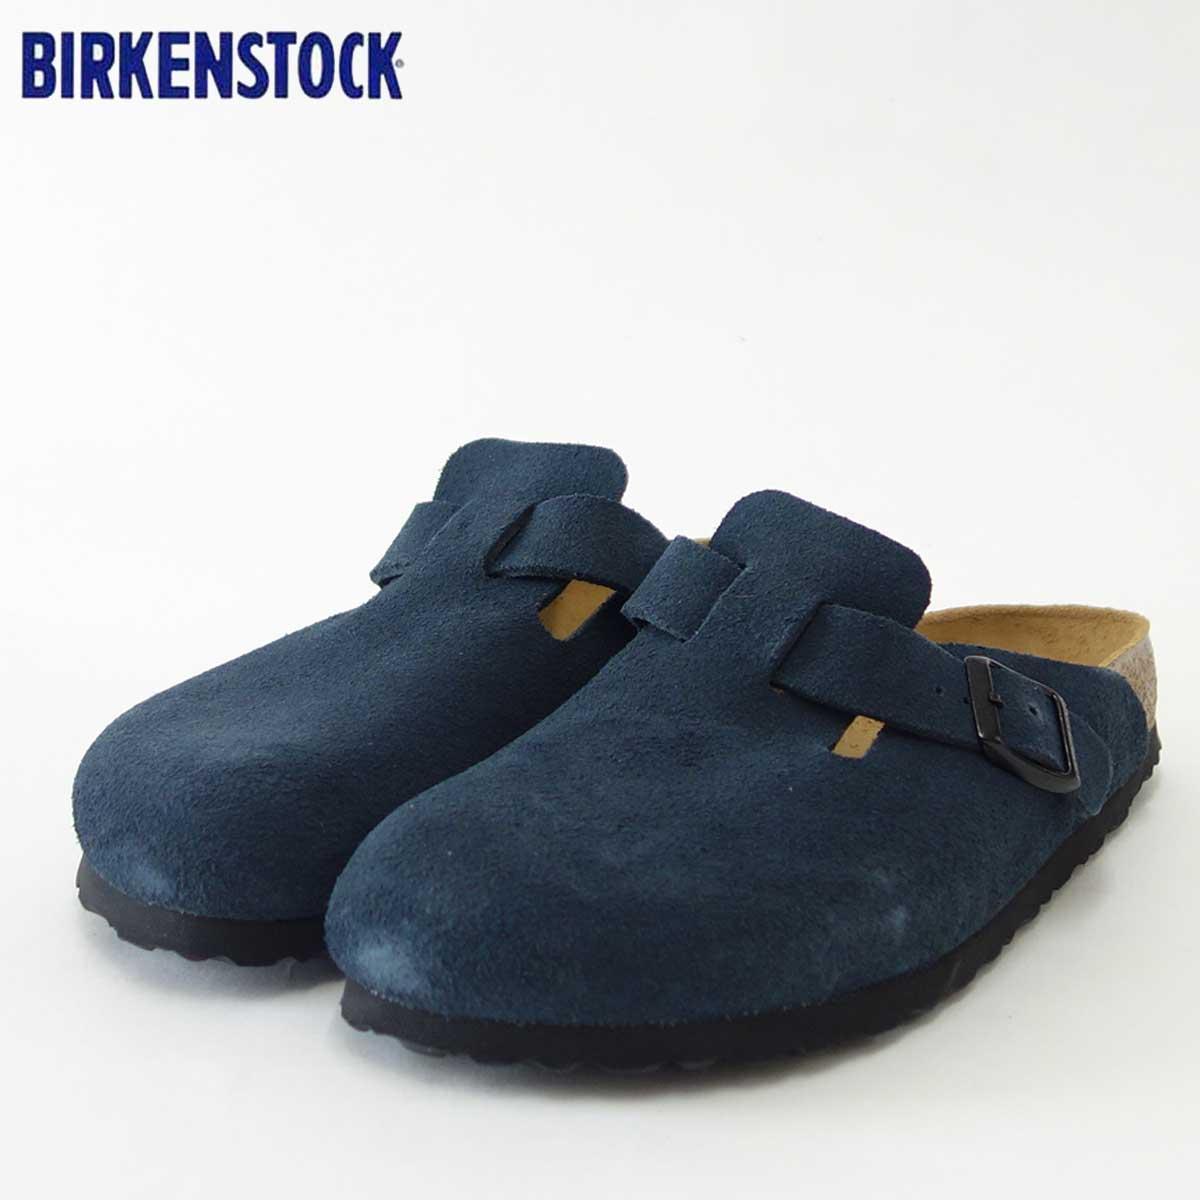 最高の BIRKENSTOCK(ビルケンシュトック)Boston(ボストン)幅狭(ナローフィット)GC 1008072(スエードレザー/ネービー)ドイツ生まれの快適クロッグ(正規輸入品)「靴」, 浦川原村:cee81845 --- thachcaotunhien.com